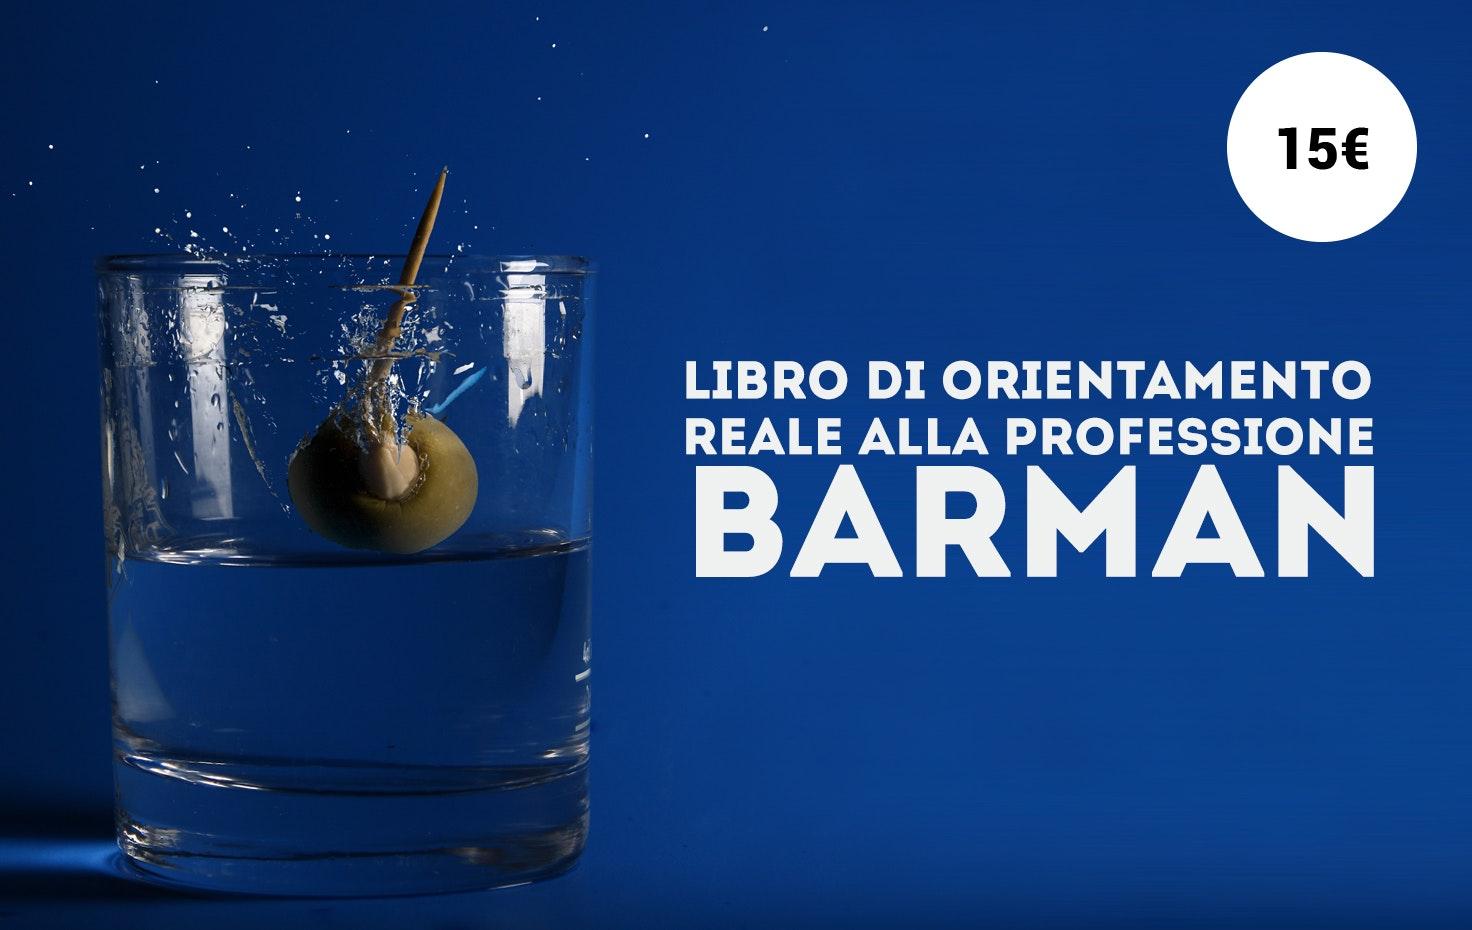 Libro di orientamento reale alla professione Barman